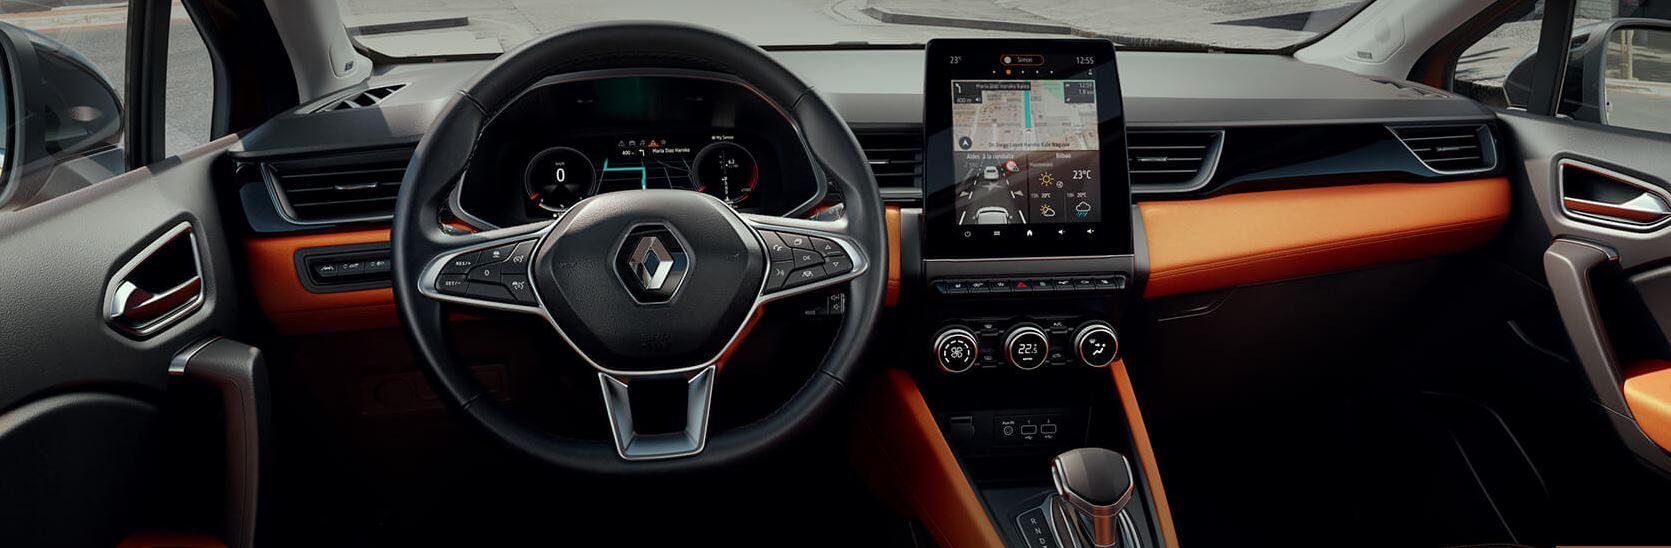 Découvrez l'habitacle du nouveau SUV Renault